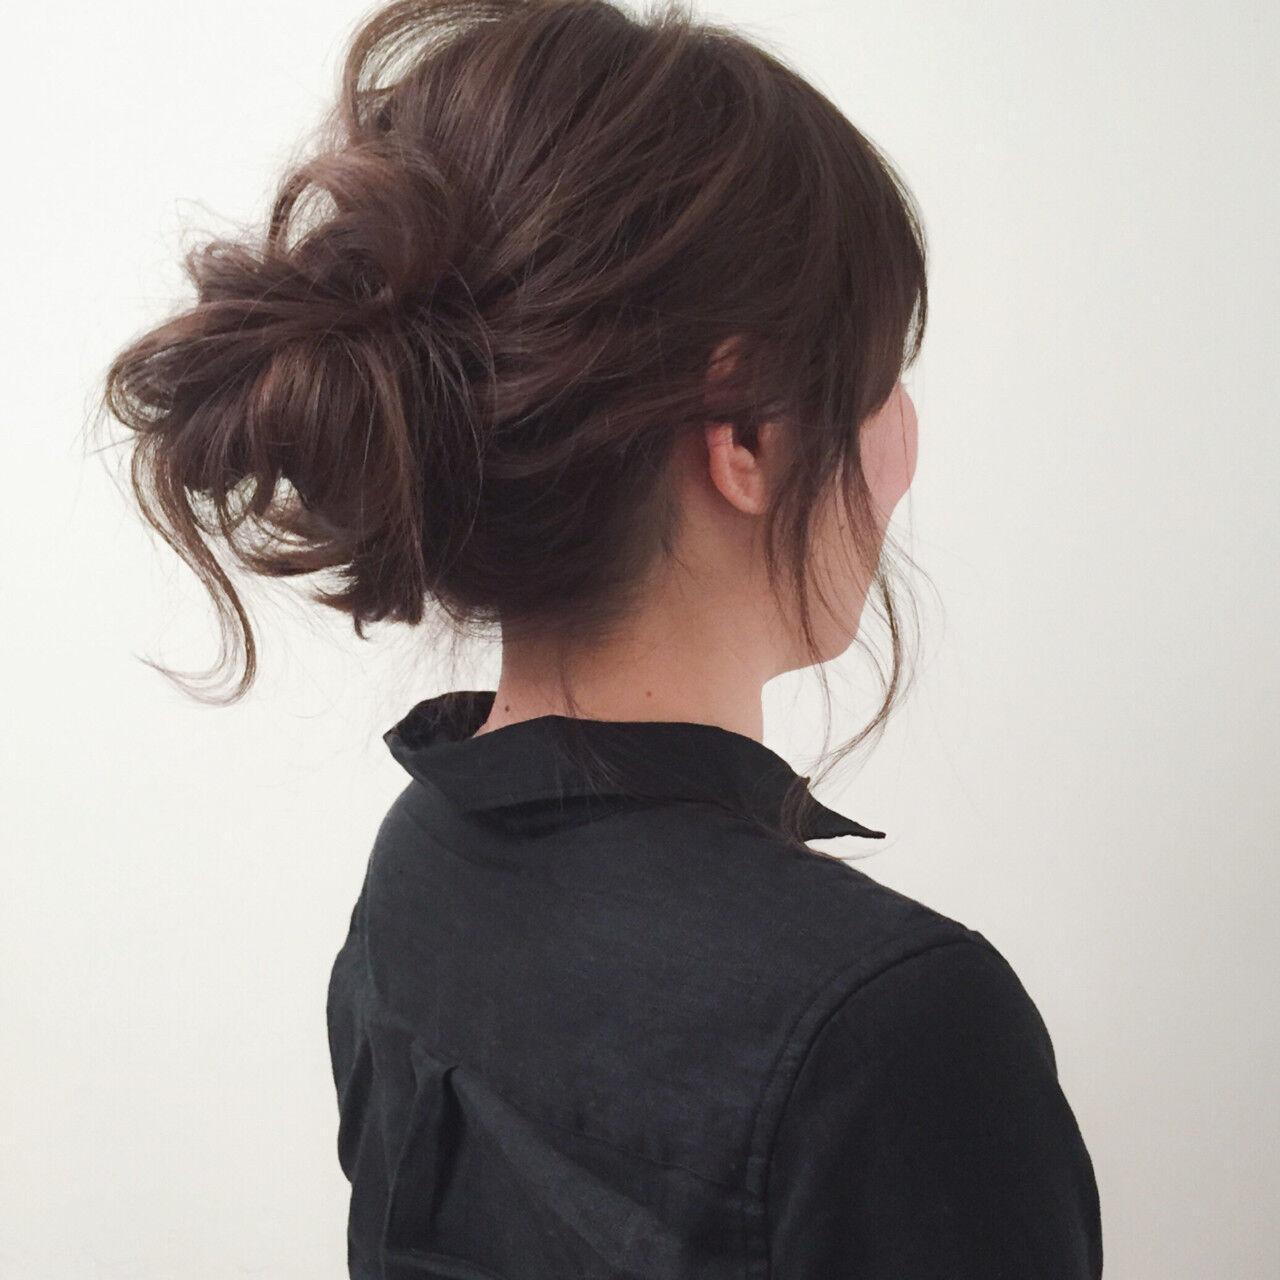 ヘアアレンジ お団子 ミディアム ゆるふわヘアスタイルや髪型の写真・画像